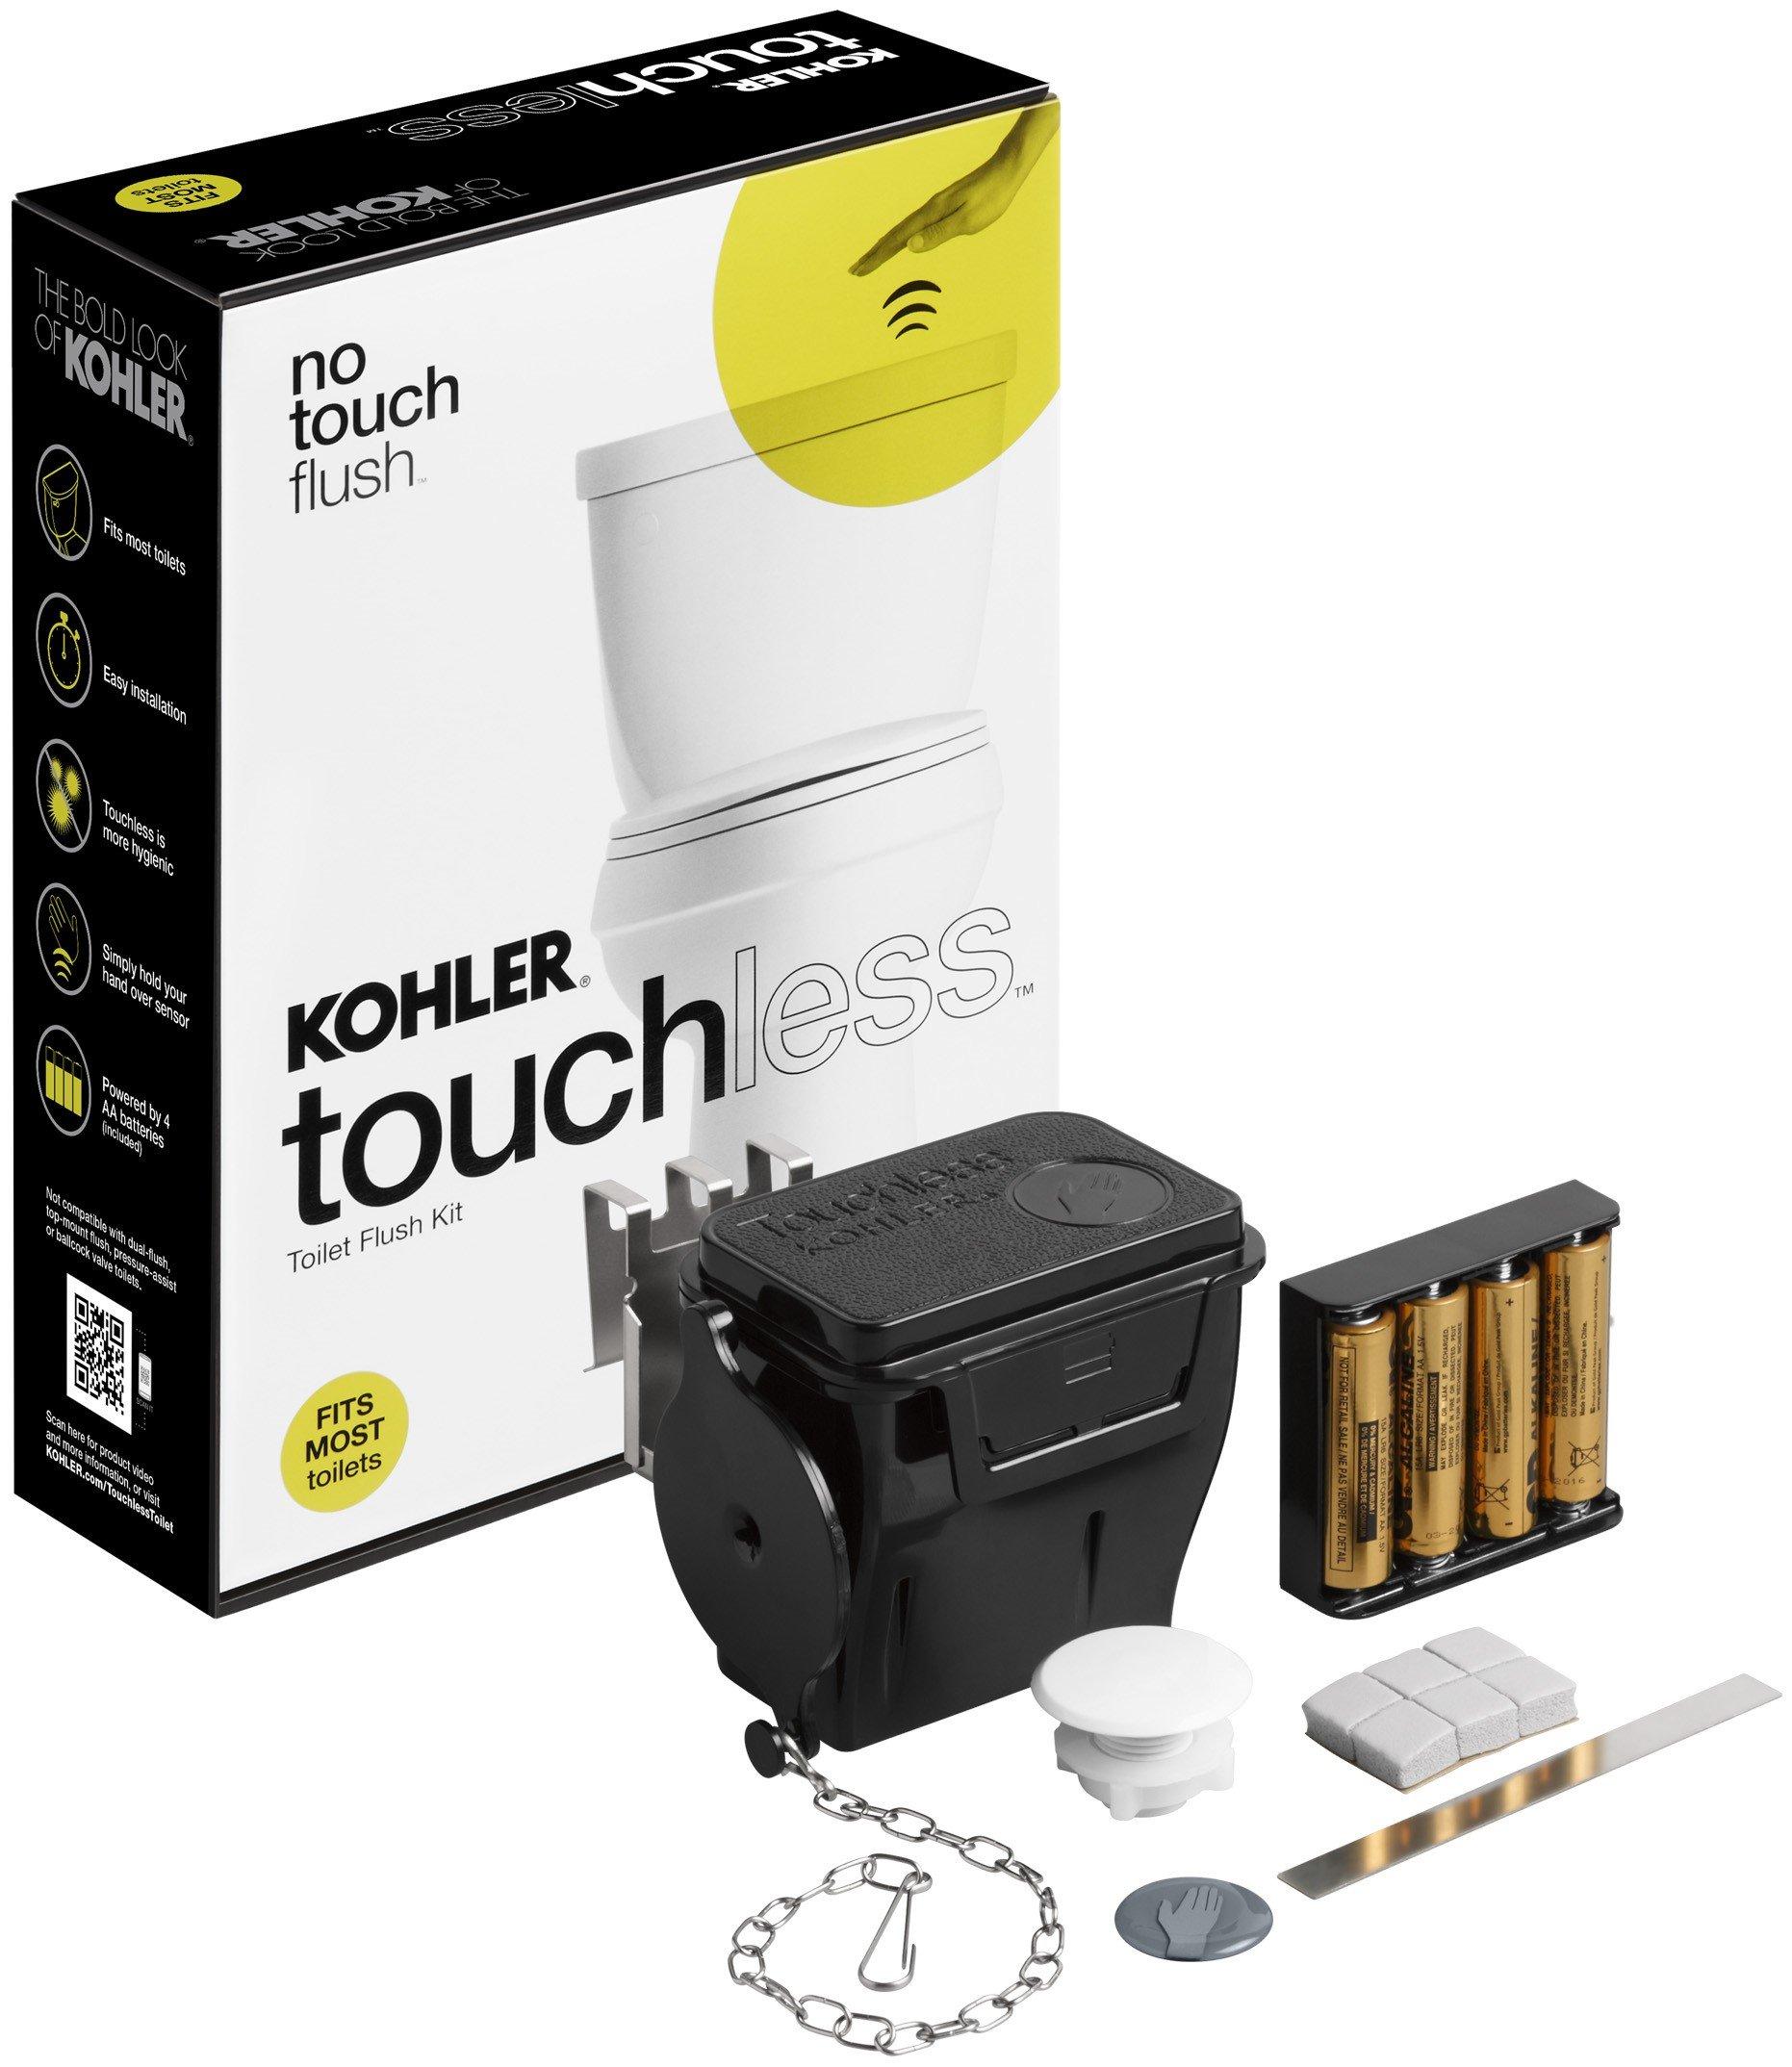 Buy Kohler Now!